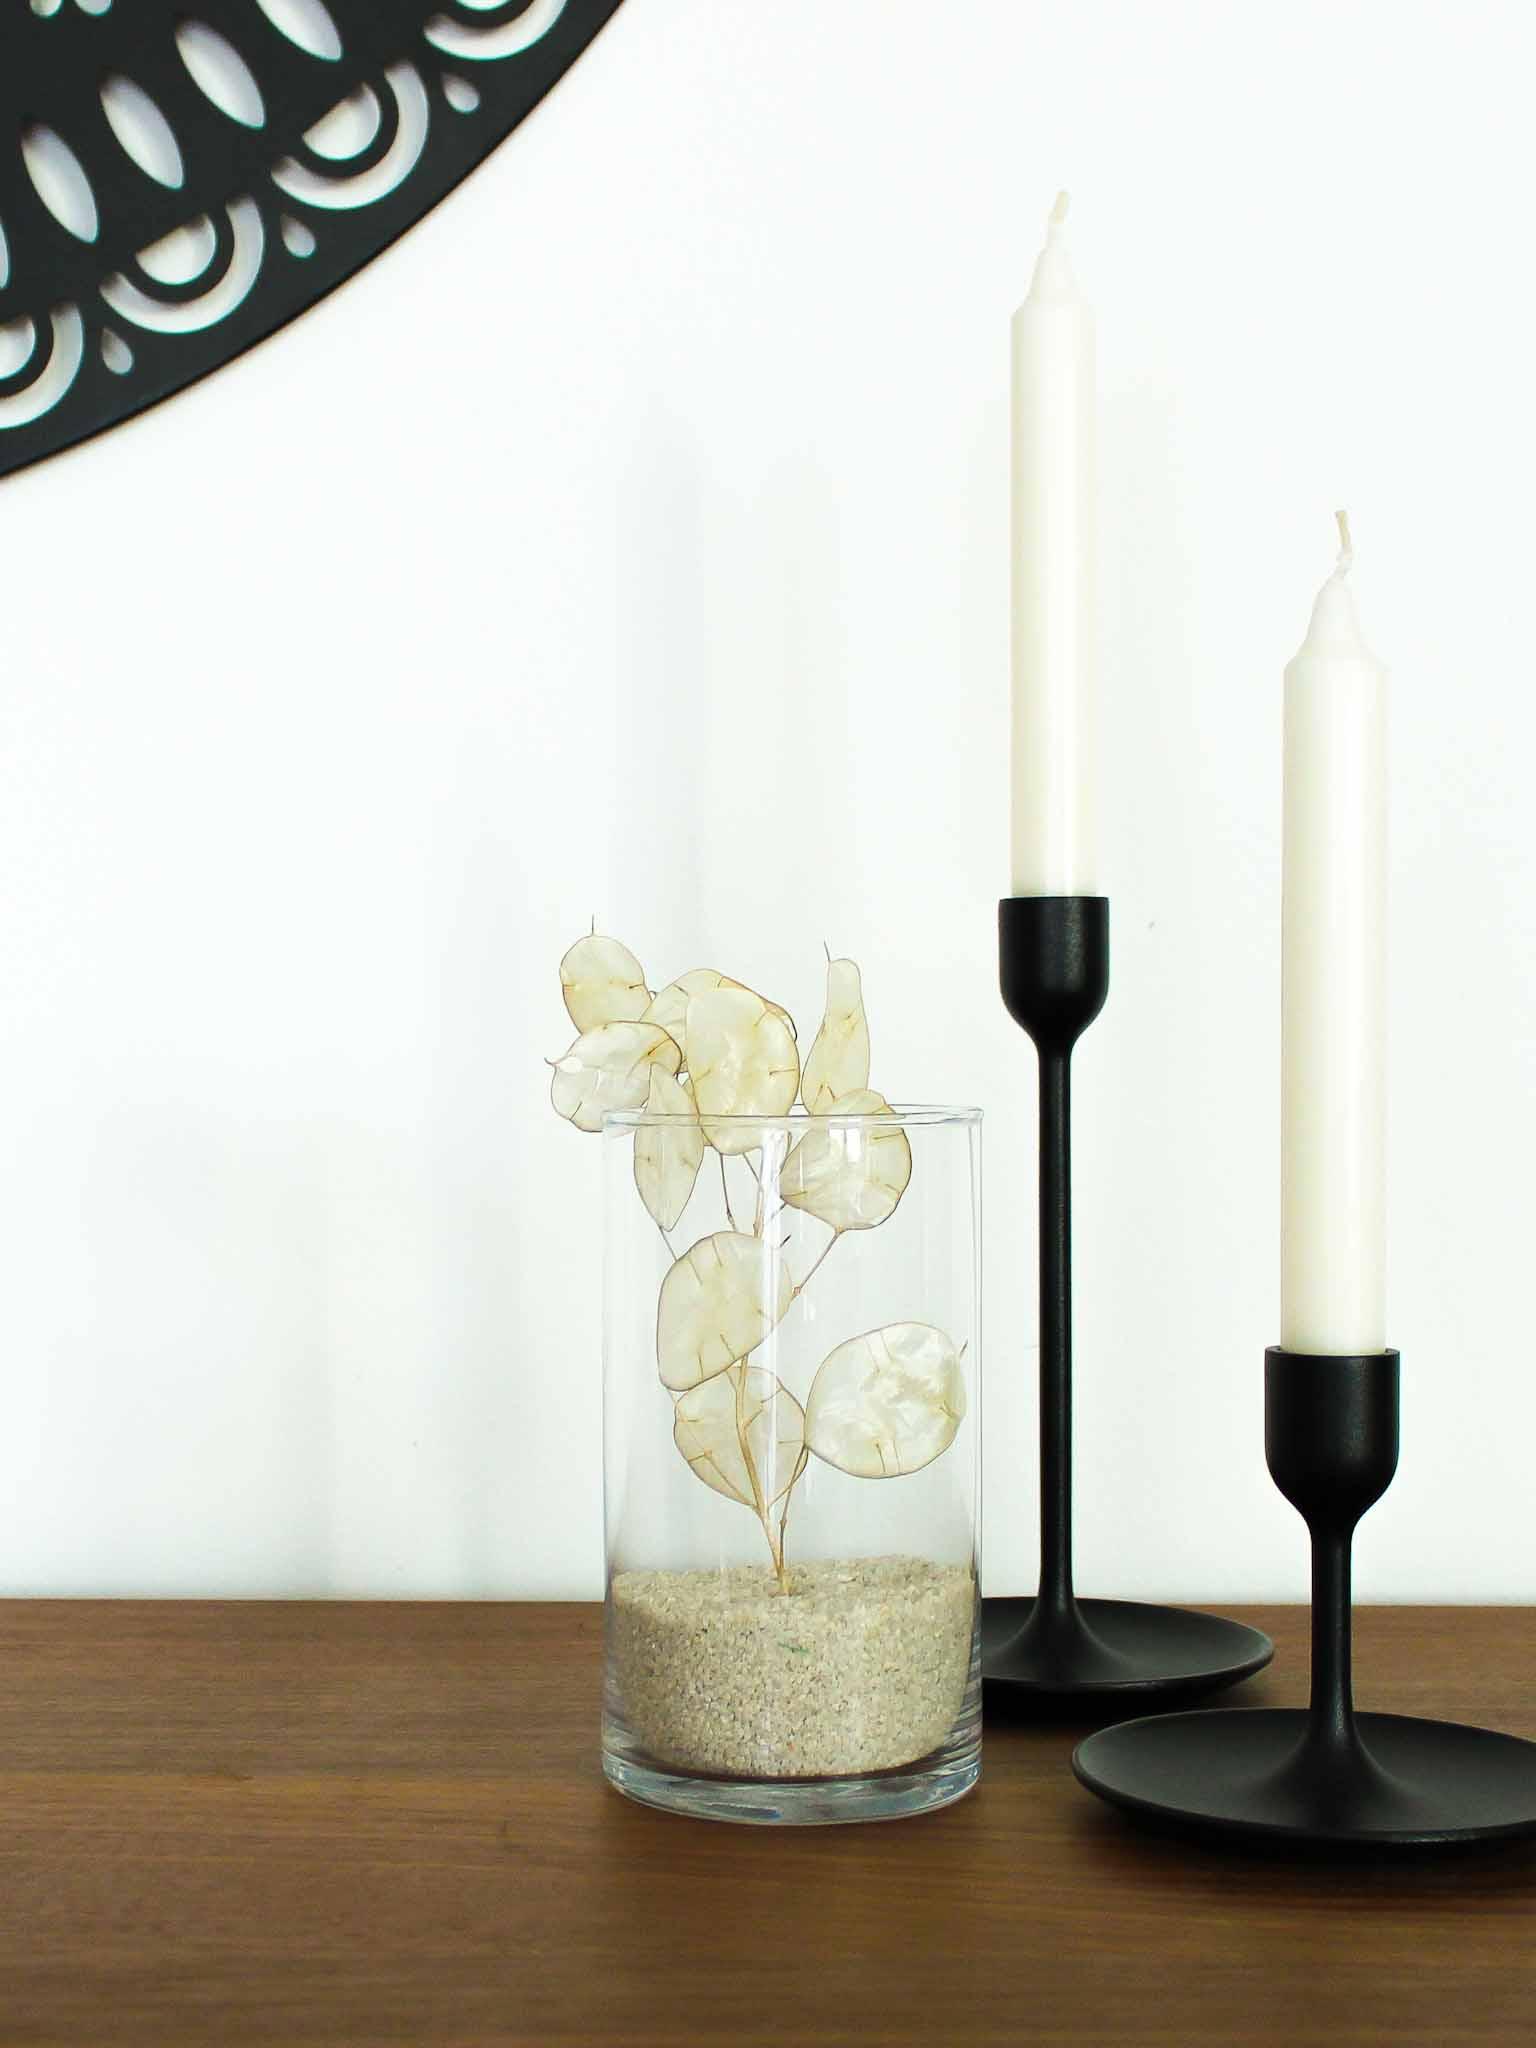 Dekoration | kontraste - interiordesign by anna